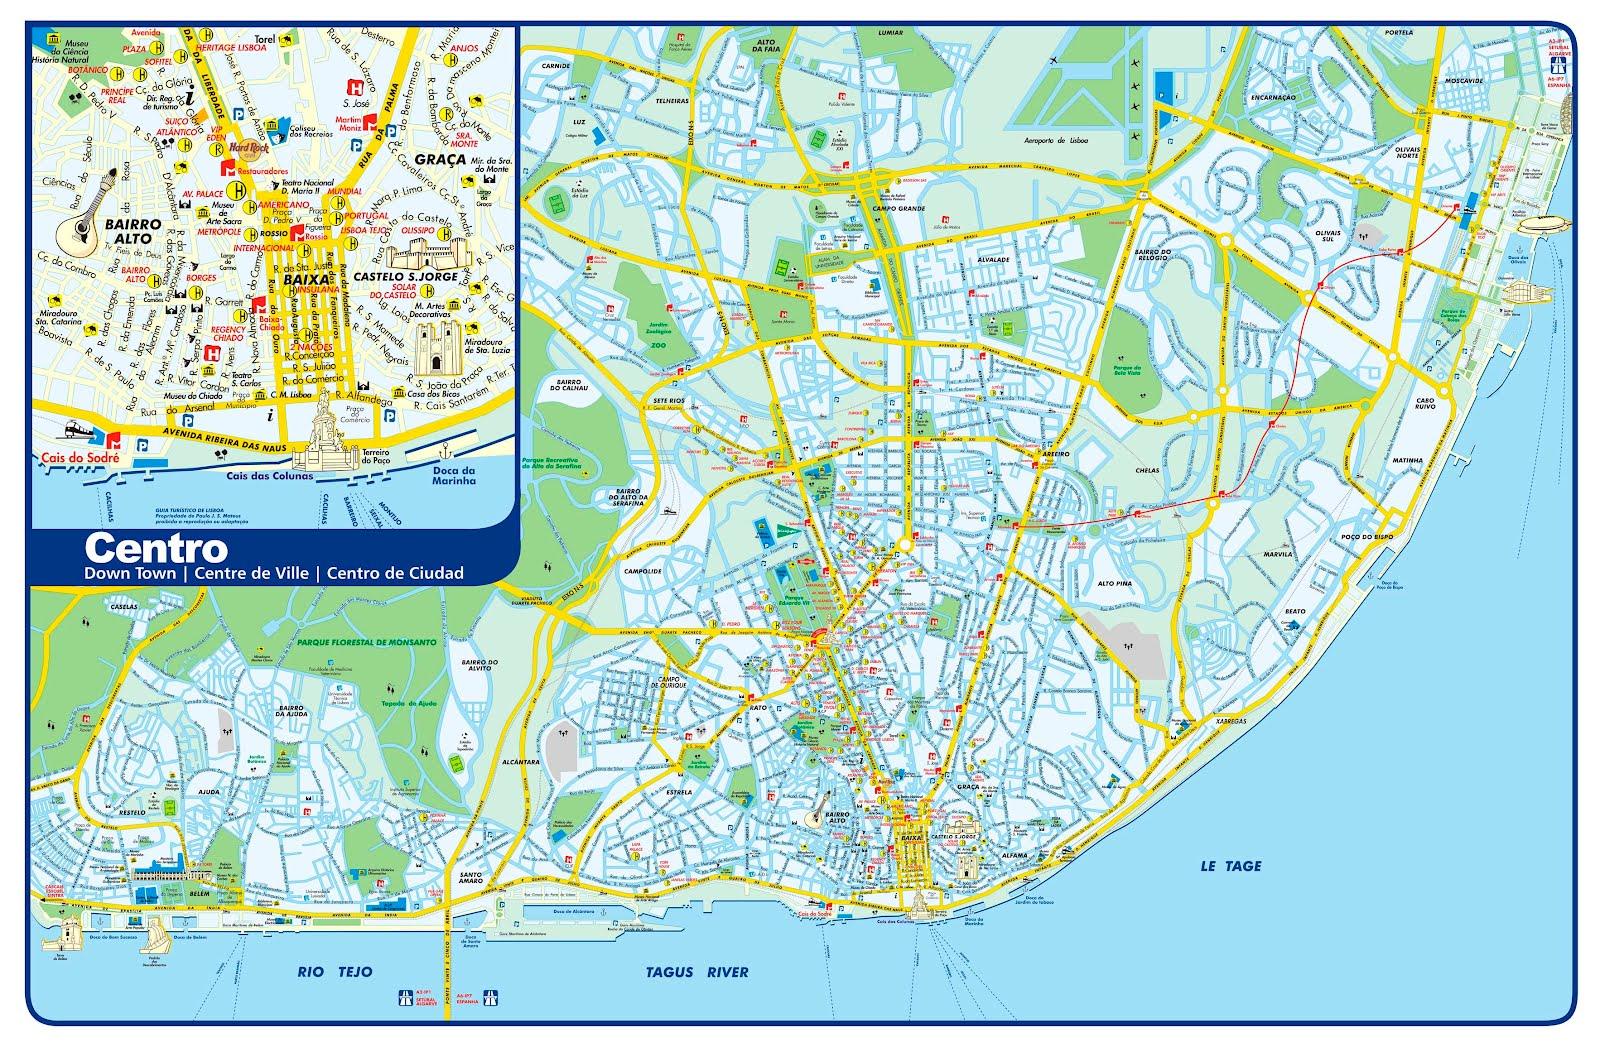 Mapas De Lisboa Portugal Mapasblog